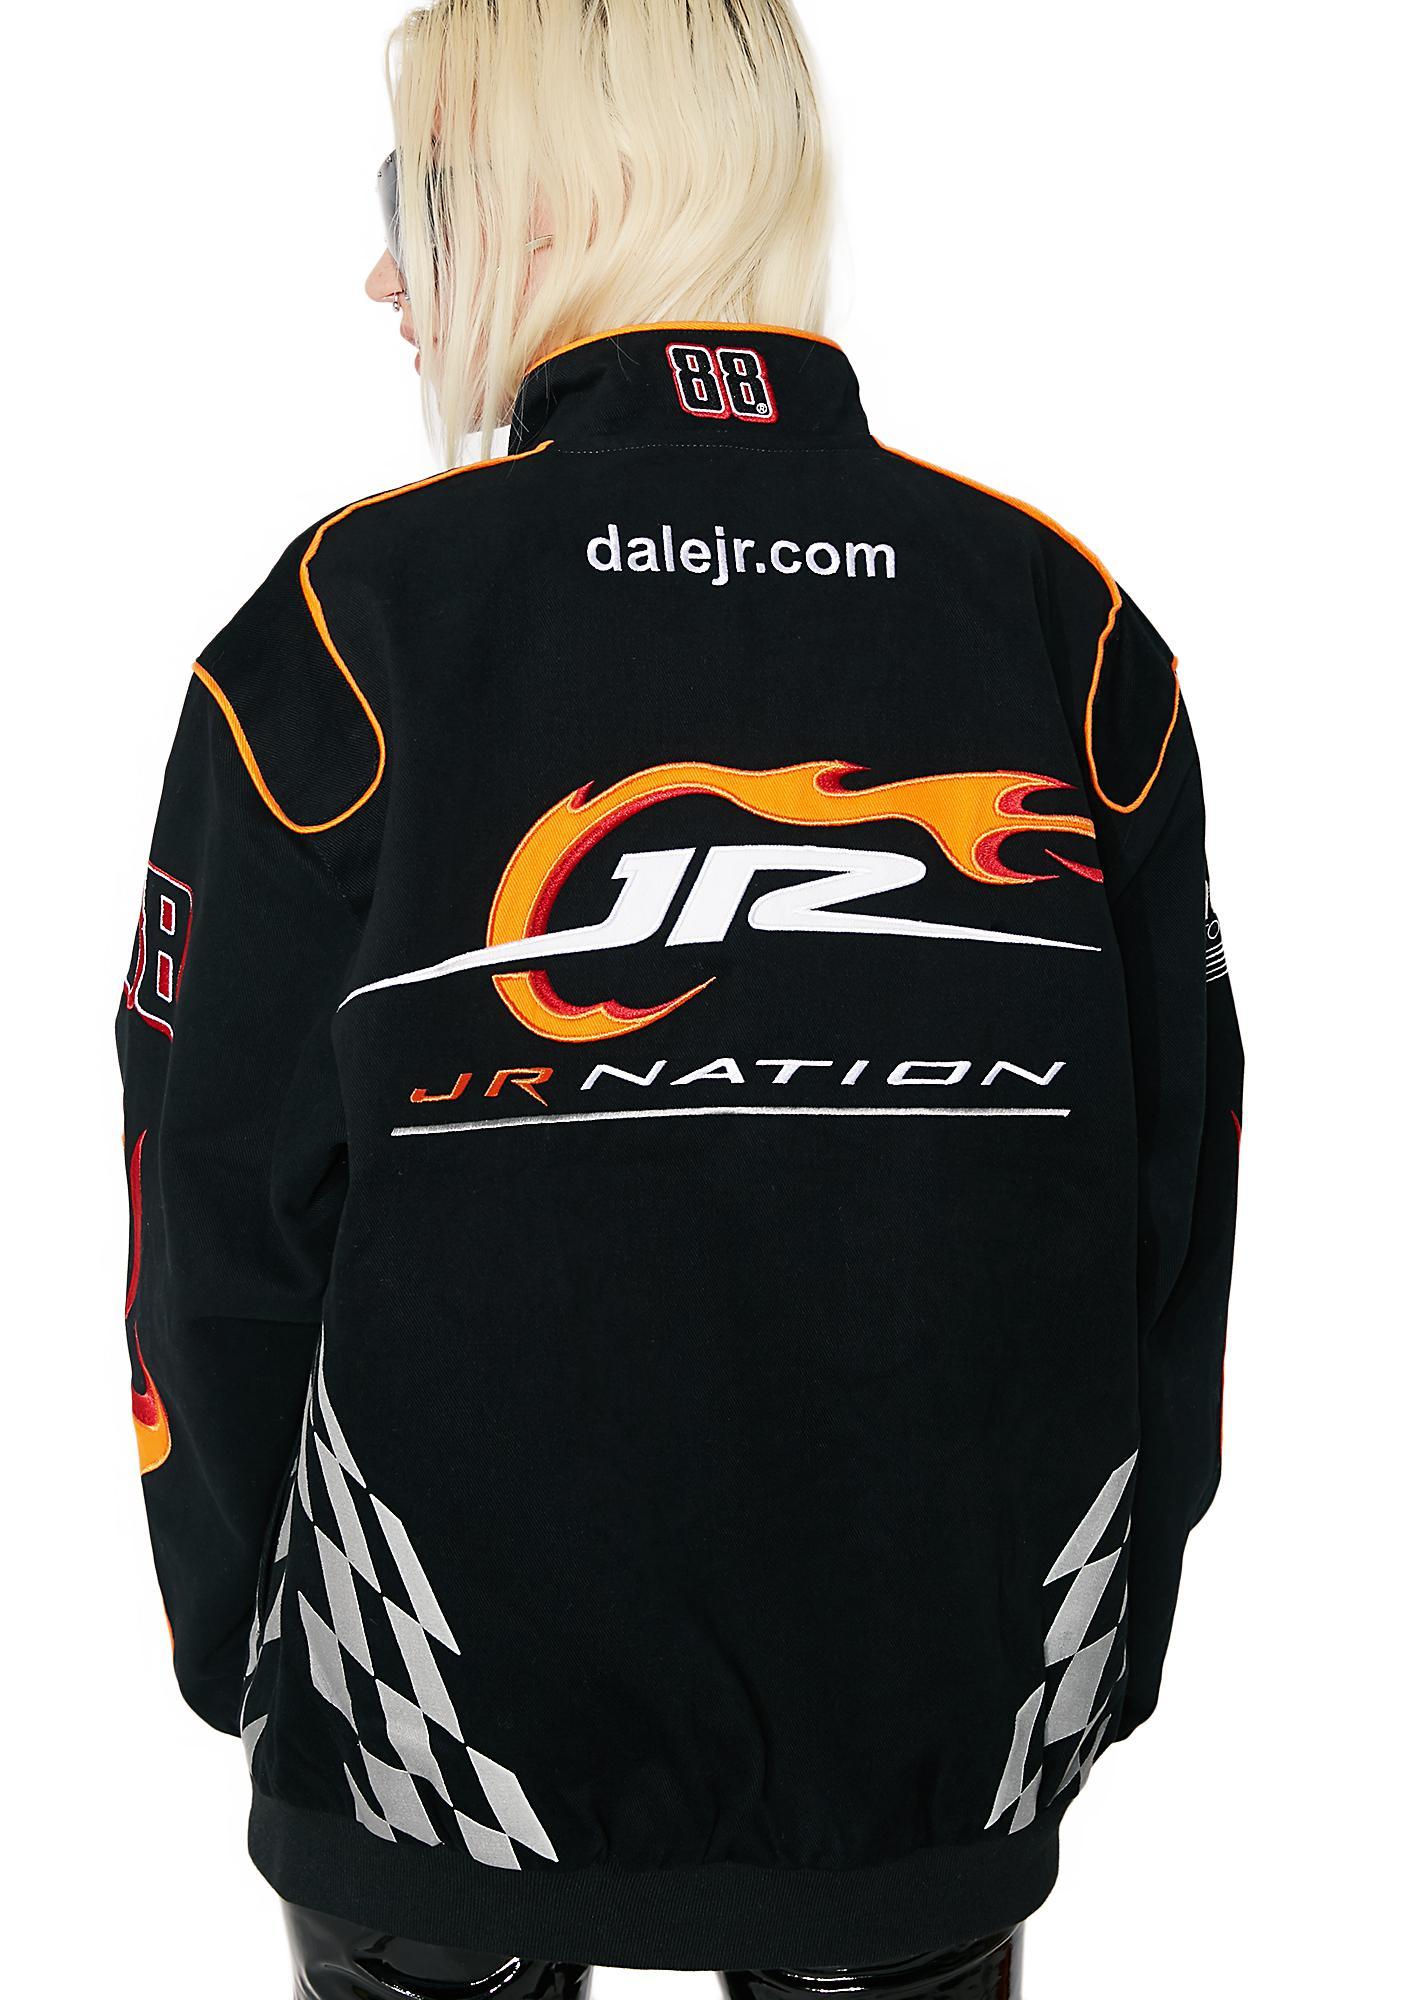 """Dale Earnhardt Jr. """"Jr Nation"""" NASCAR Twill Jacket"""